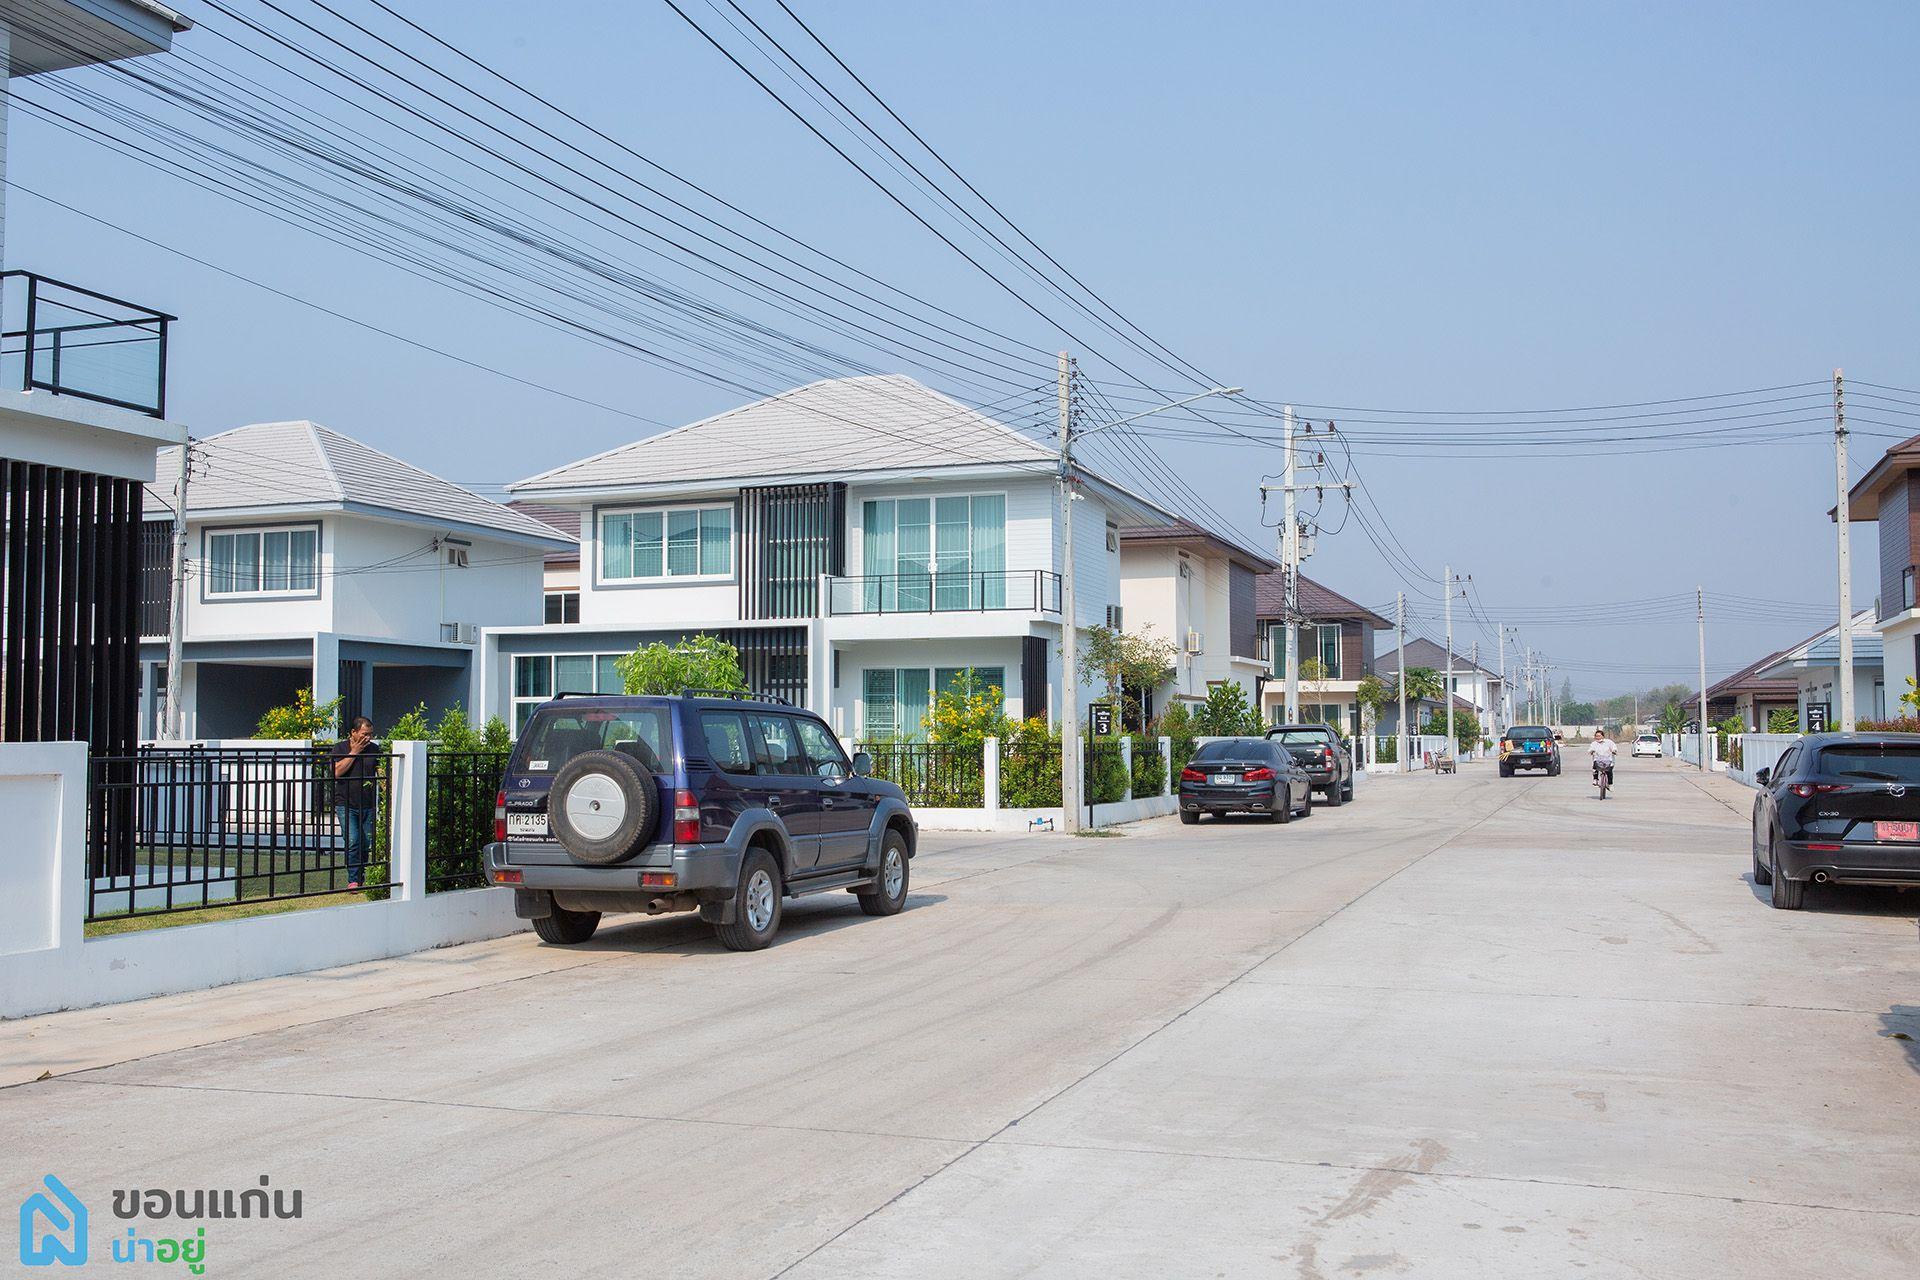 สินธาราพาร์ค บ้านสะอาด : ถนนหลักกว้าง12เมตร ถนนซอยกว้าง9เมตร